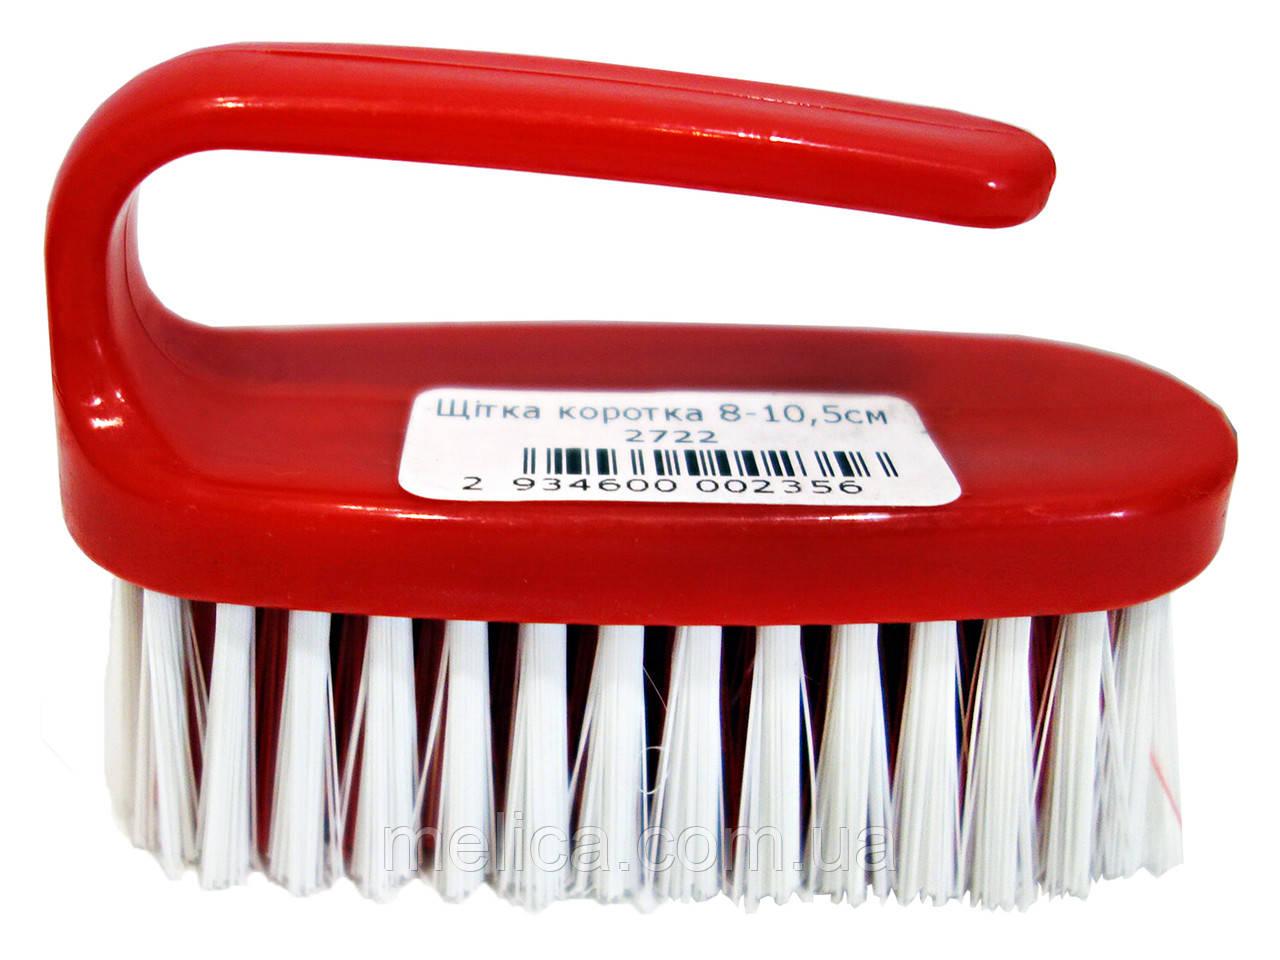 Щетка для уборки Утюжок Mini 2722